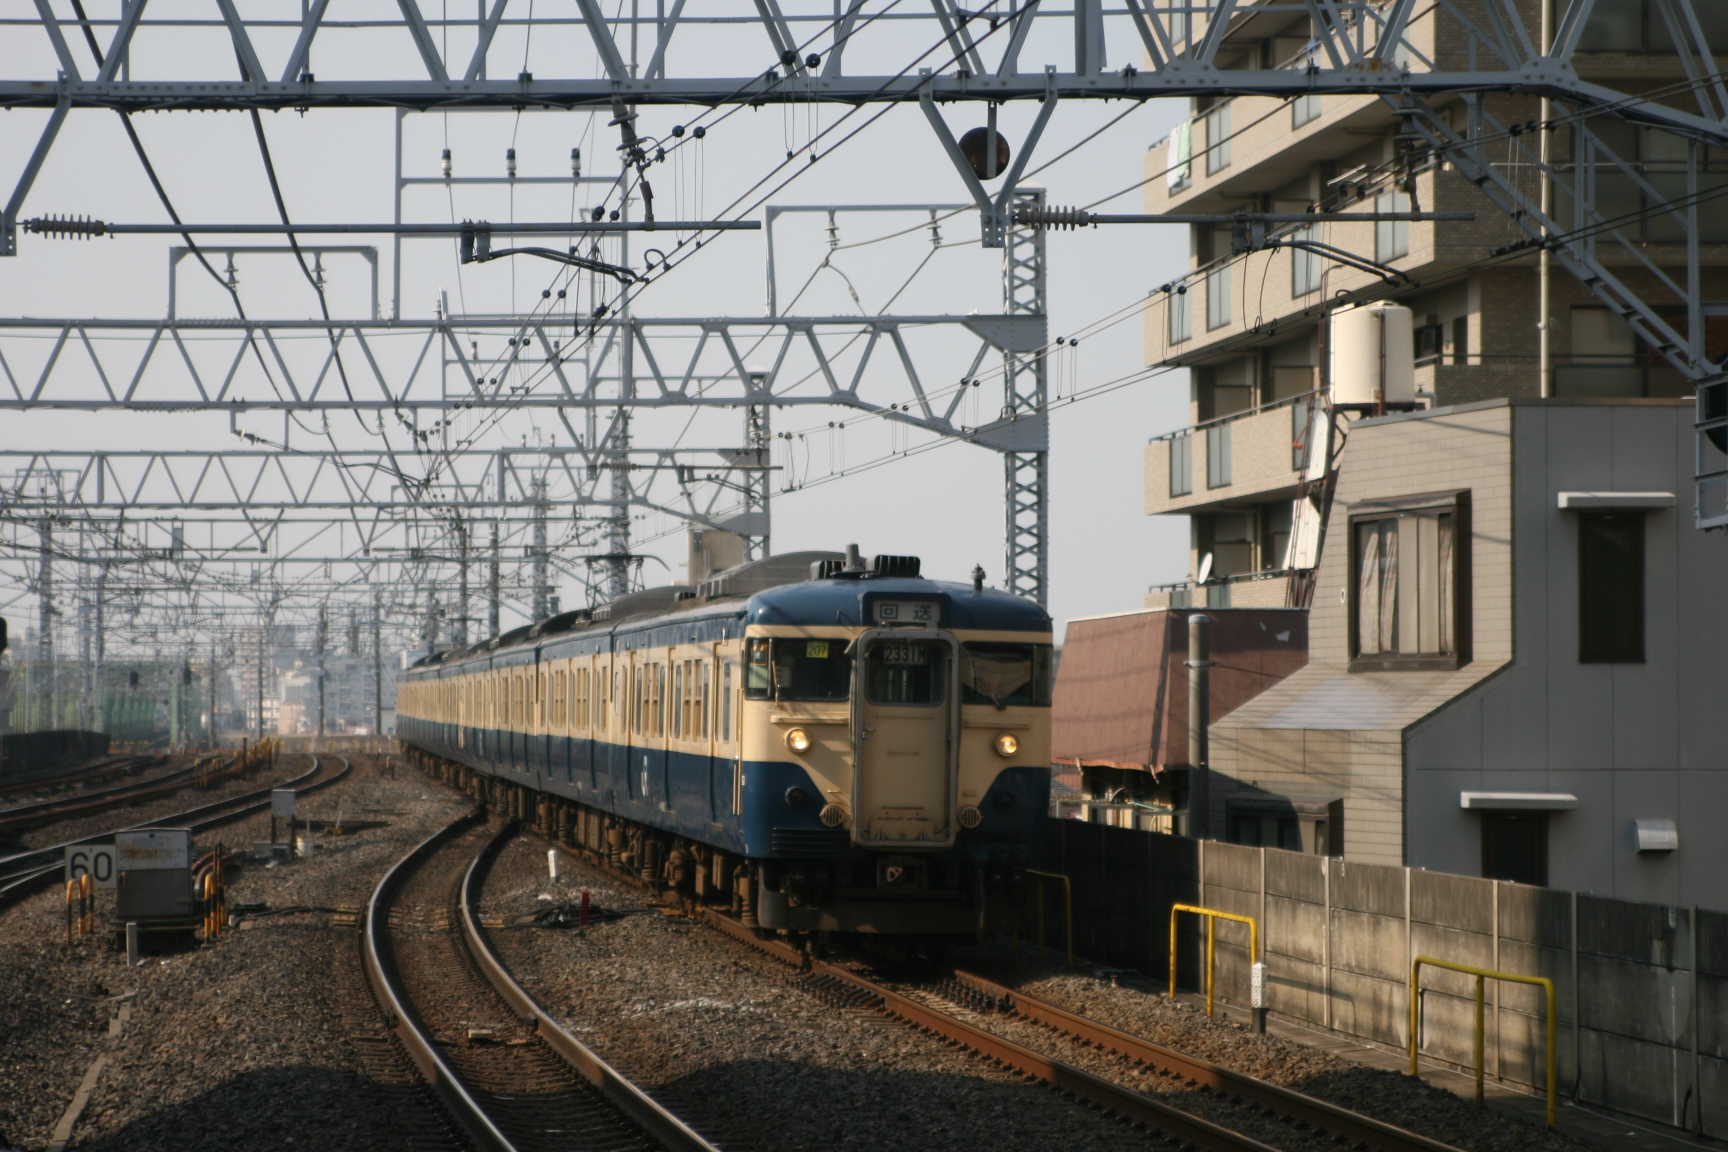 20100219_0699.JPG